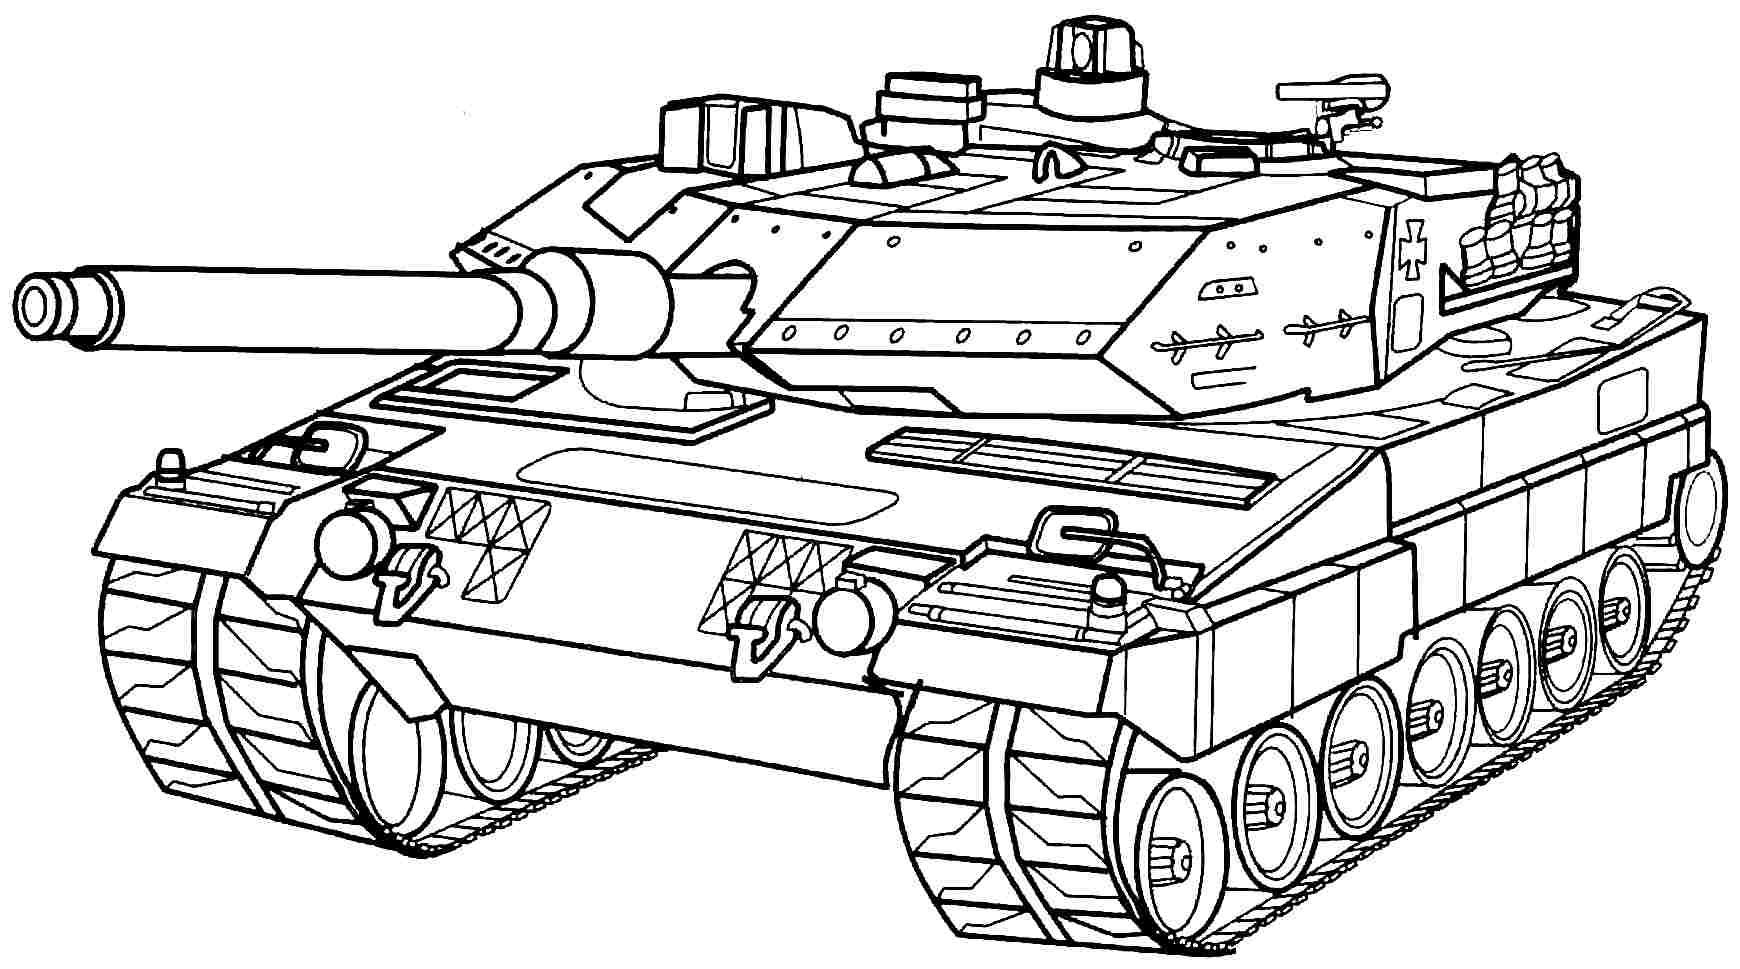 Tanker coloring #7, Download drawings